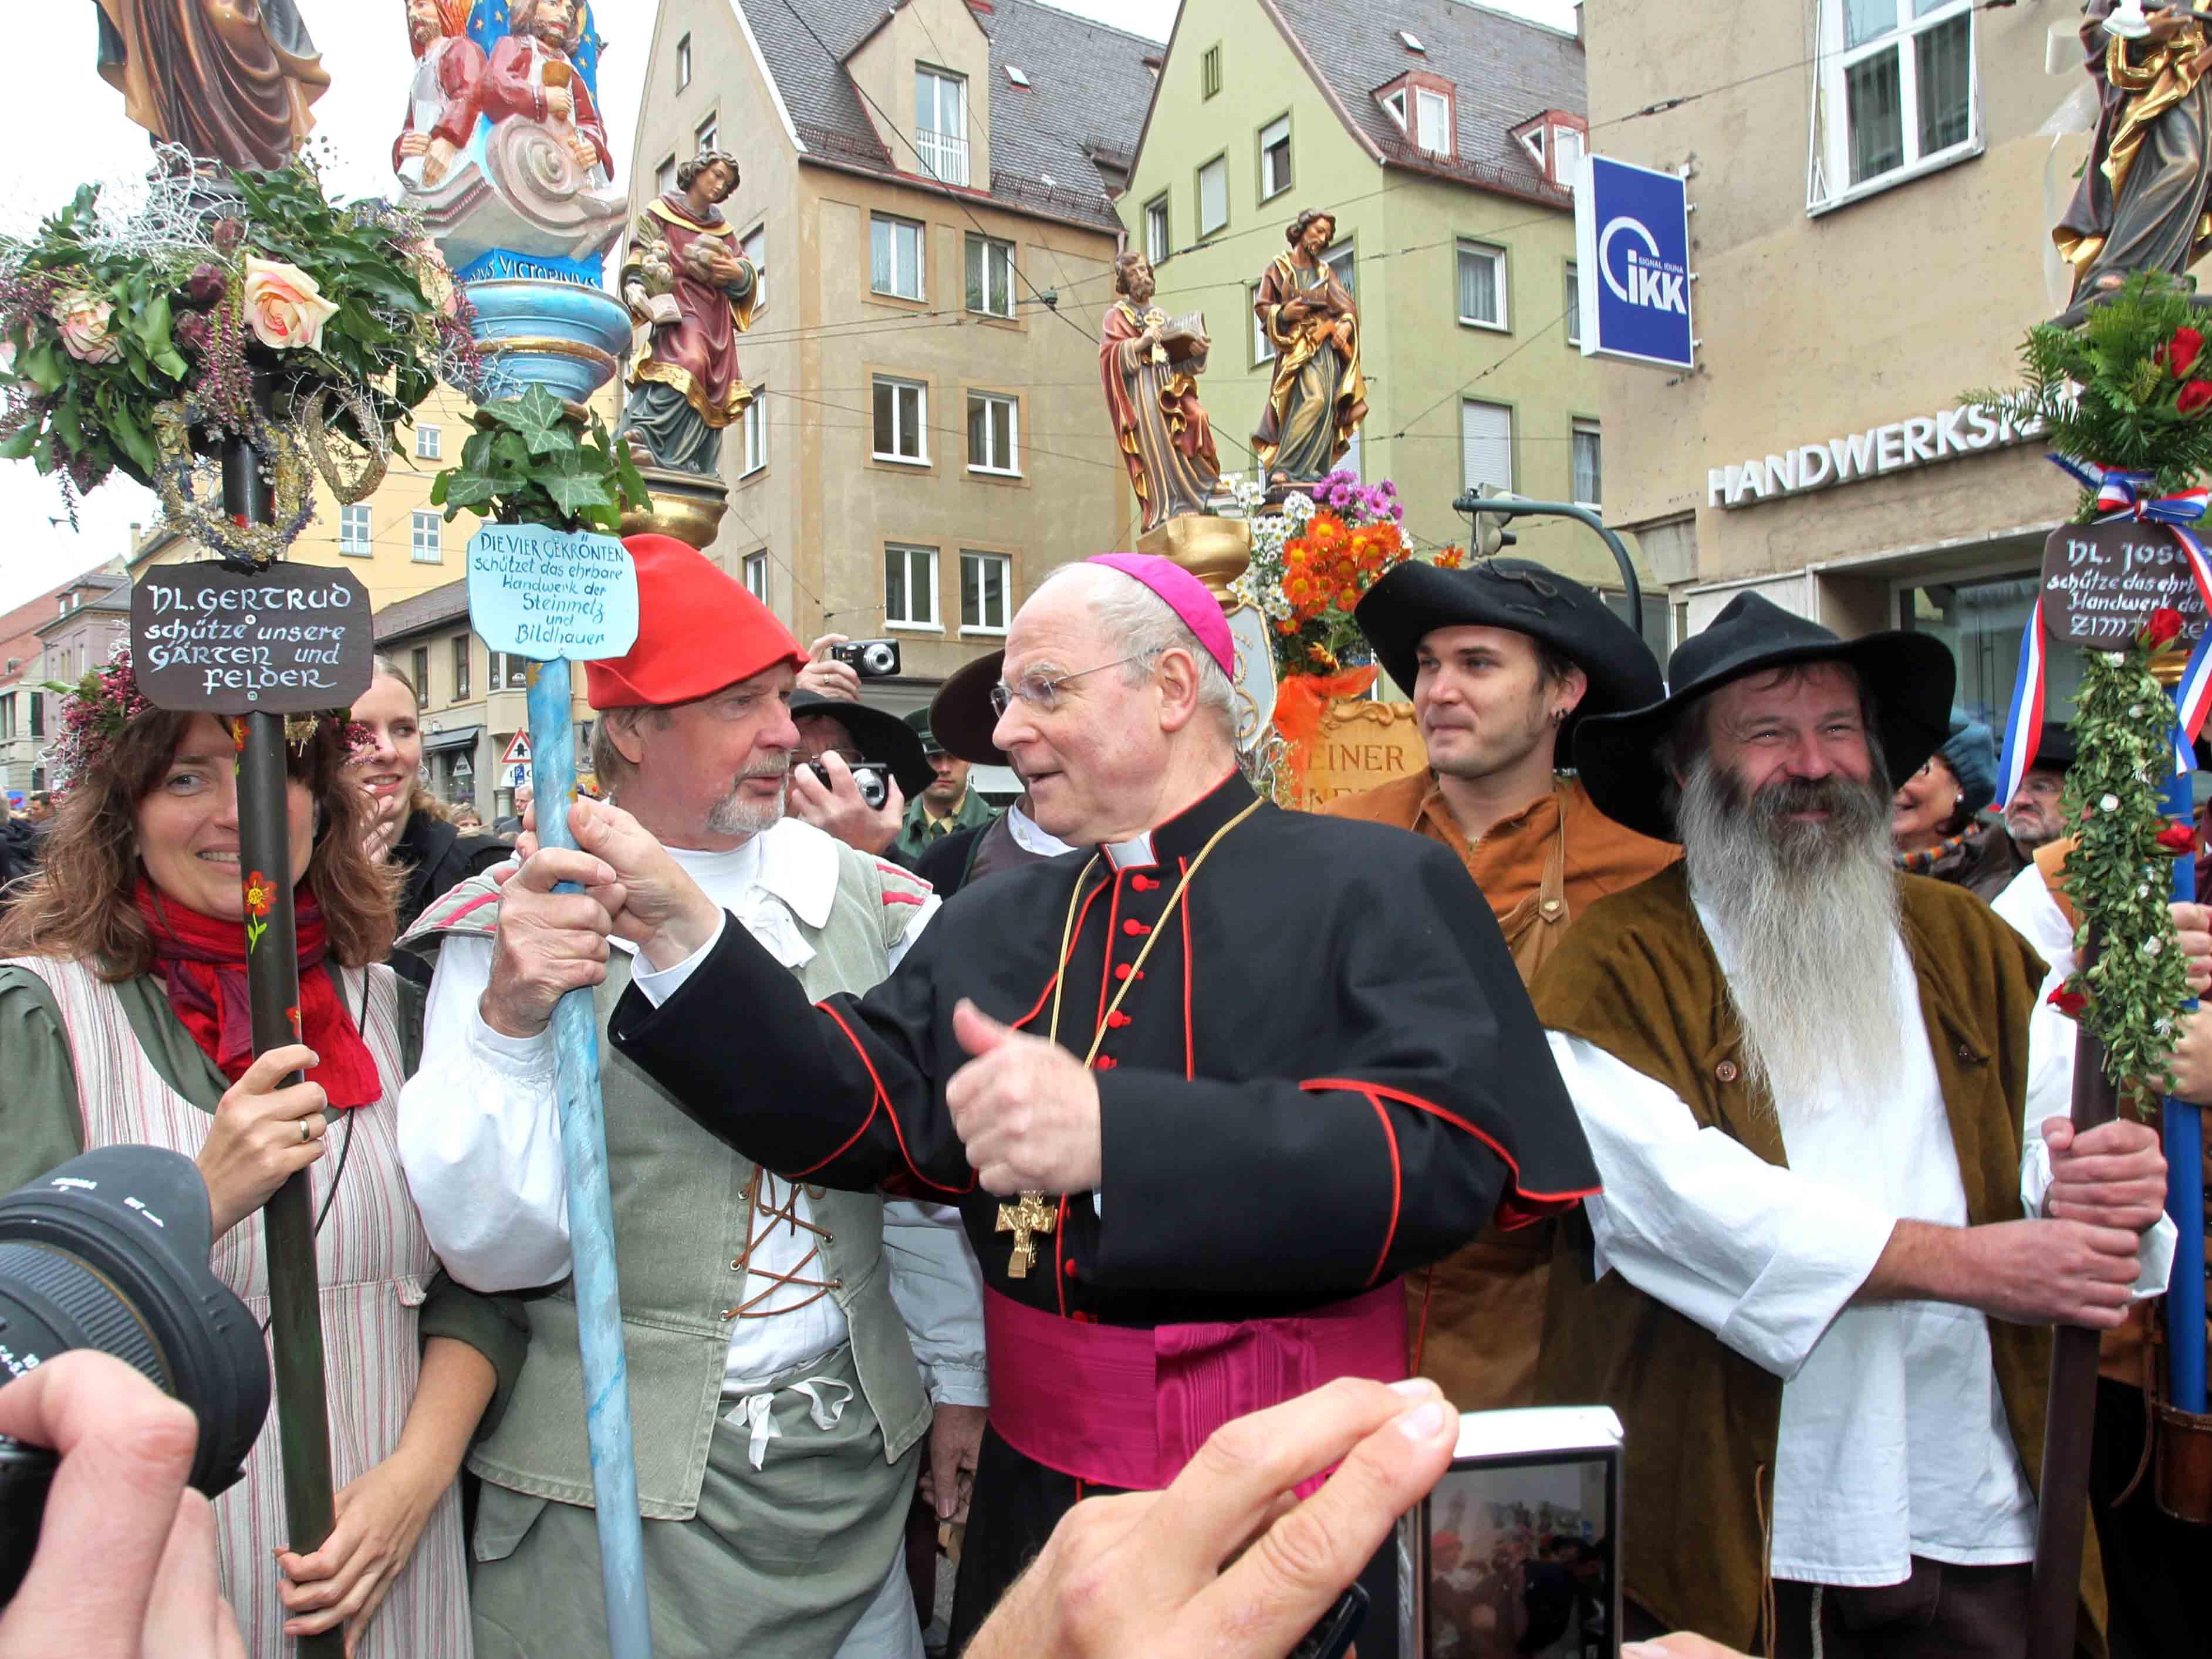 Bischof Konrad wurde am Tag seiner Amtseinführung von tausenden Menschen willkommen geheißen und durch die Straßen begleitet. (Fotos: Annette Zoepf / pba)